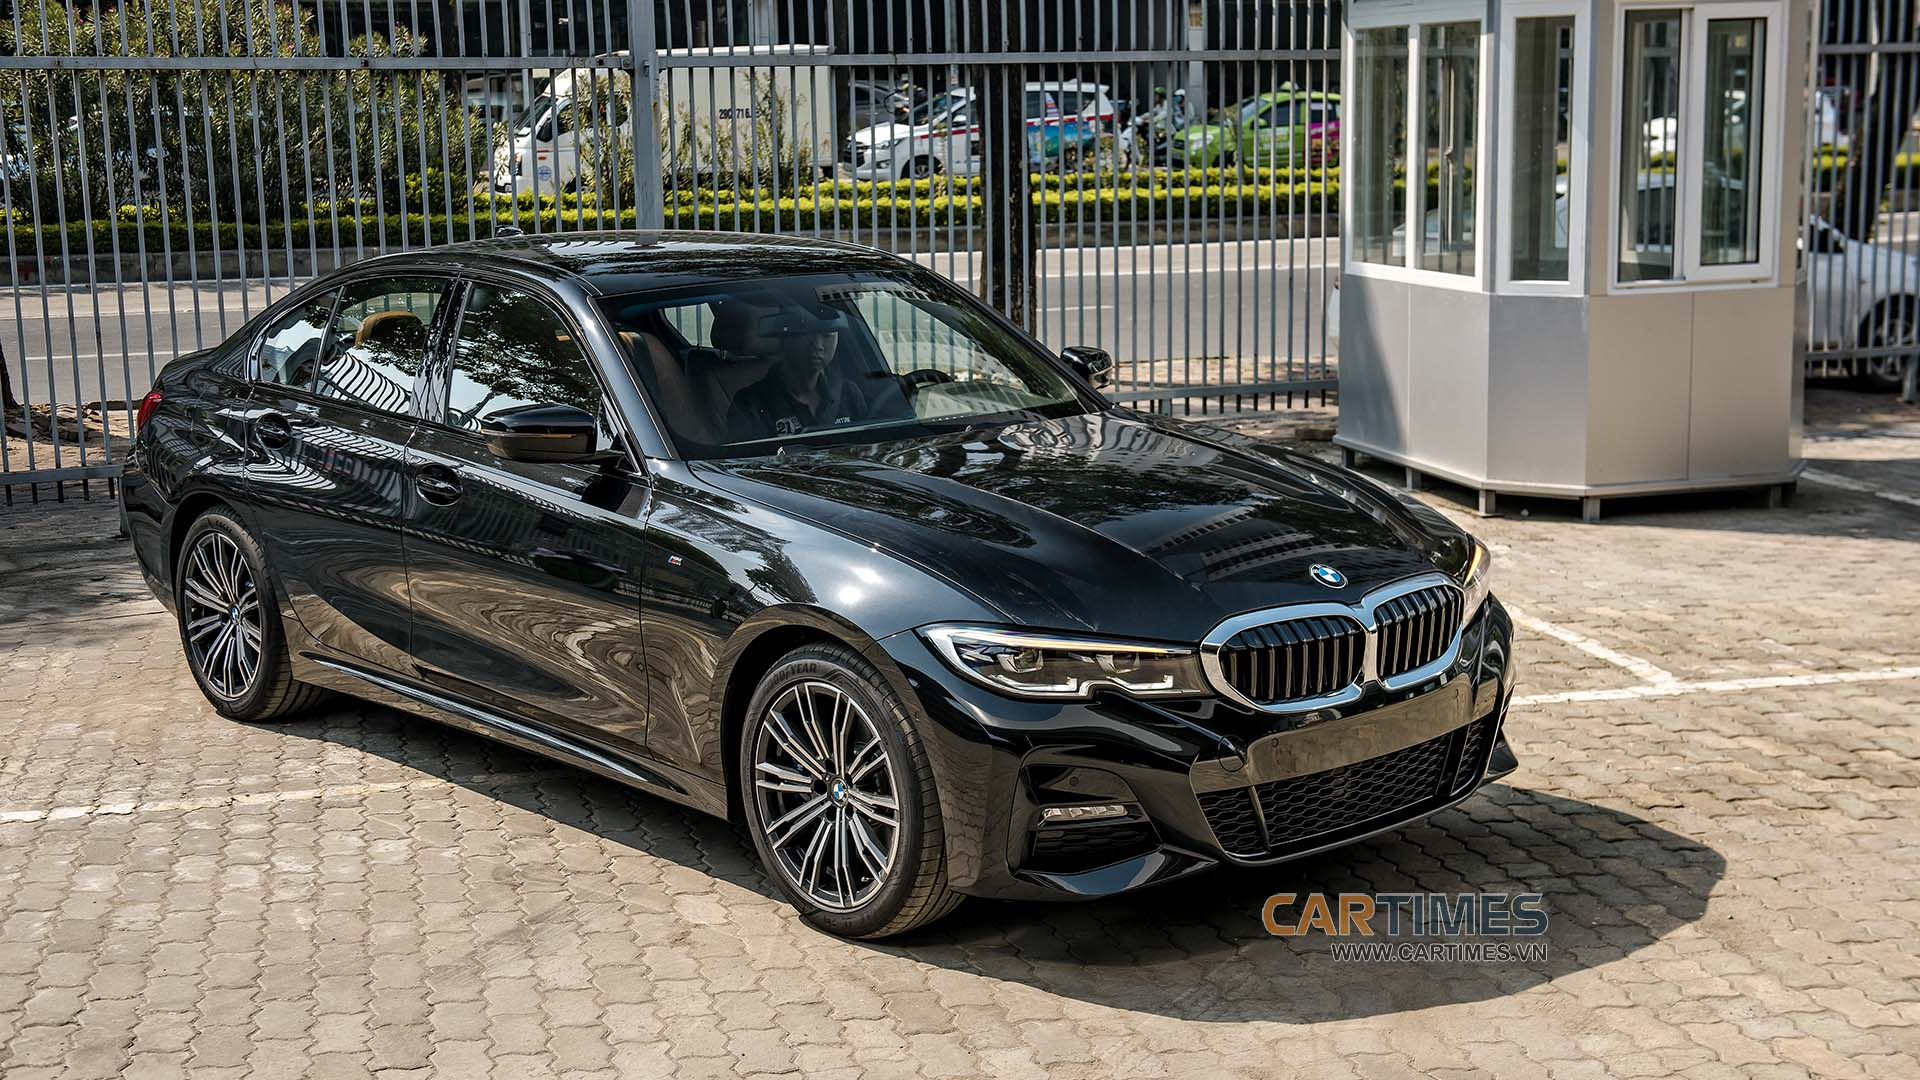 Gần 2,4 tỷ đồng, BMW 330i M Sport tại Việt Nam trang bị những gì? - Hình 1